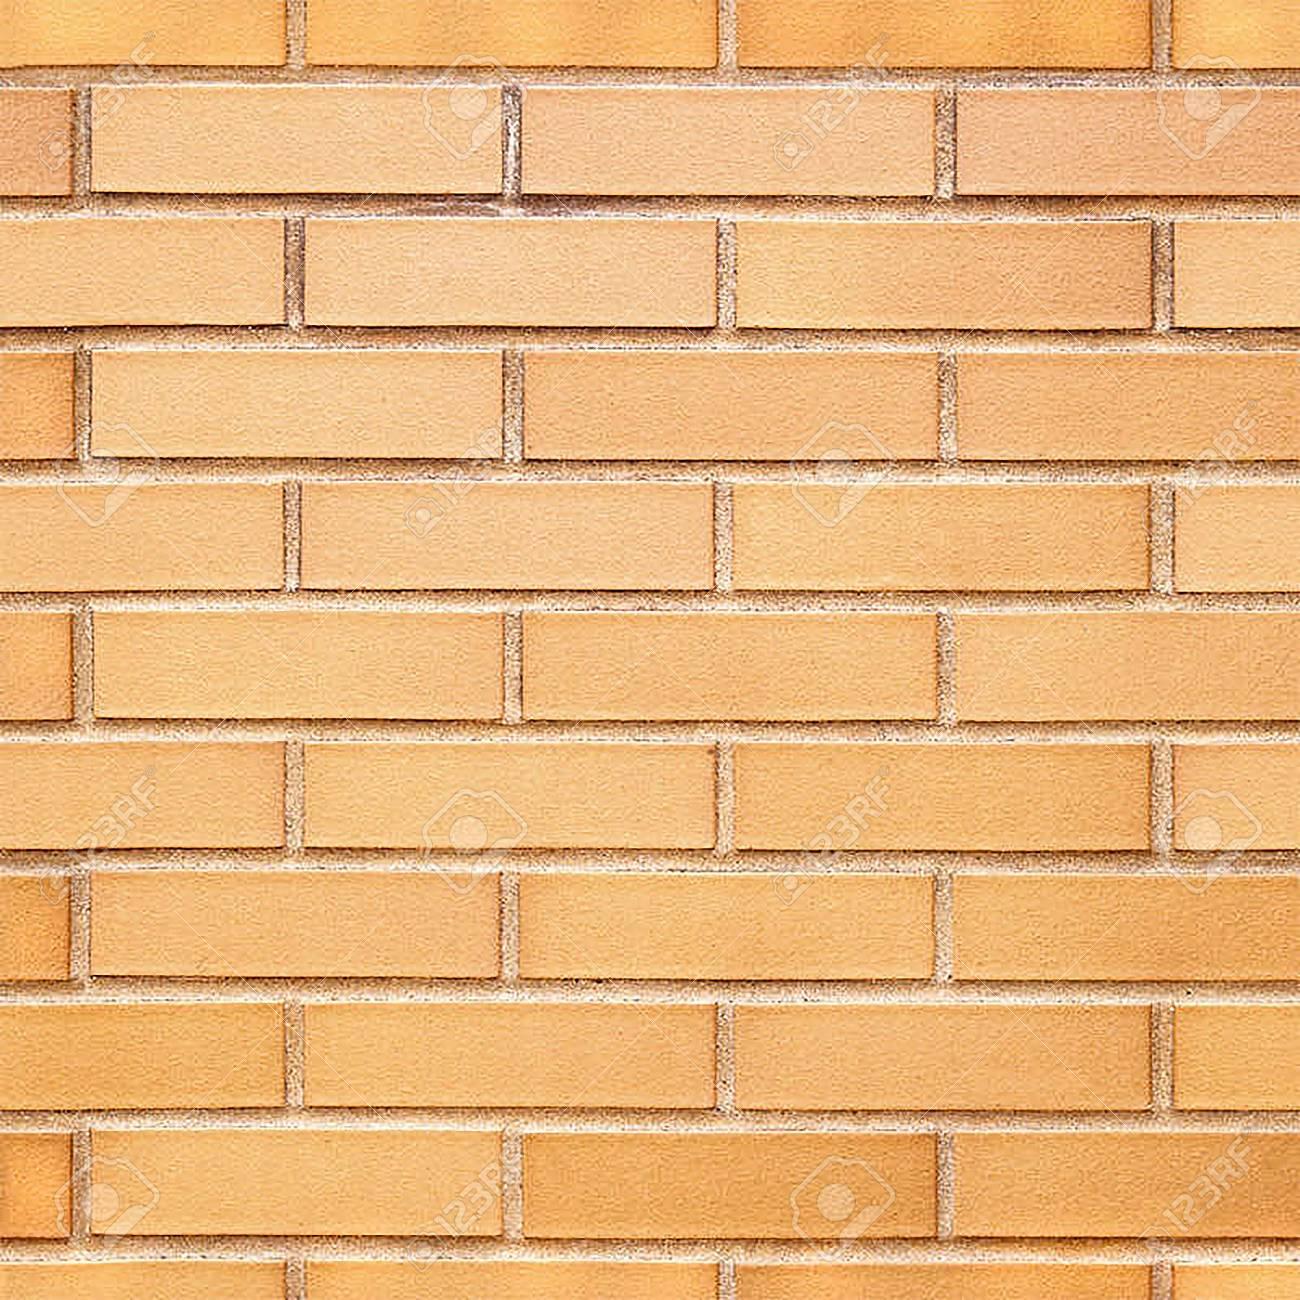 背景壁紙レンガ素材オレンジ色 の写真素材 画像素材 Image 84248391